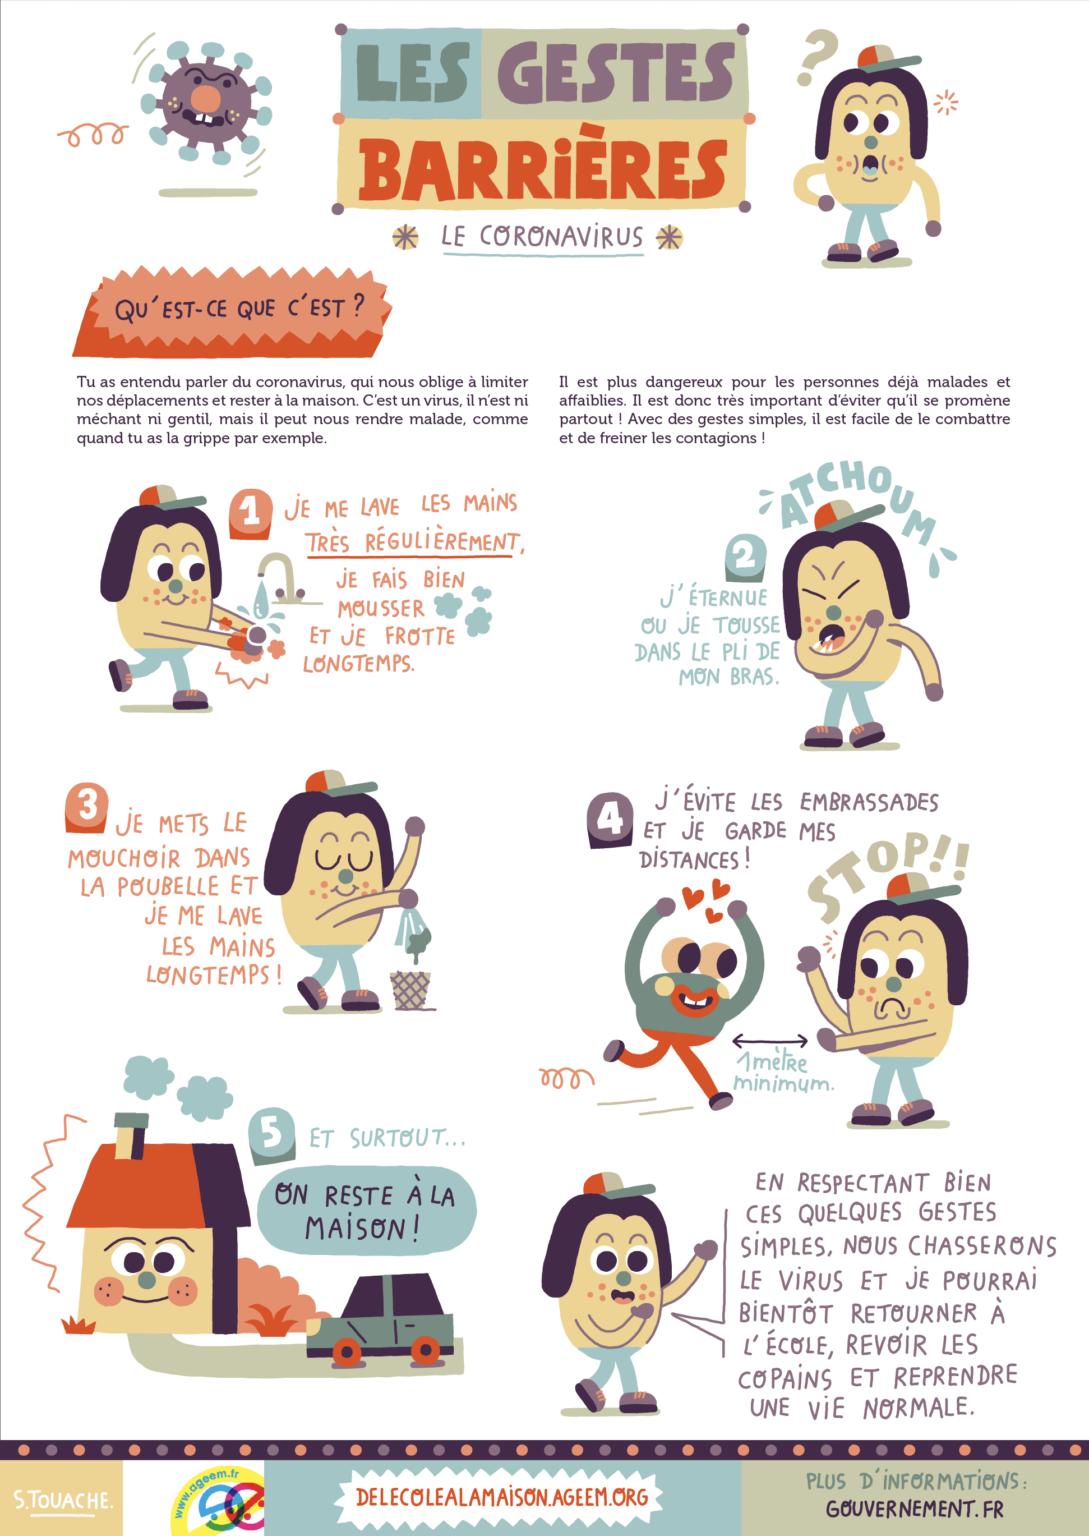 Les Gestes Barrieres Une Affiche Ludique Proposee Par L Ageem L Esper L Economie S Fiches De Travail Pour Maternelles Education Bienveillante Education